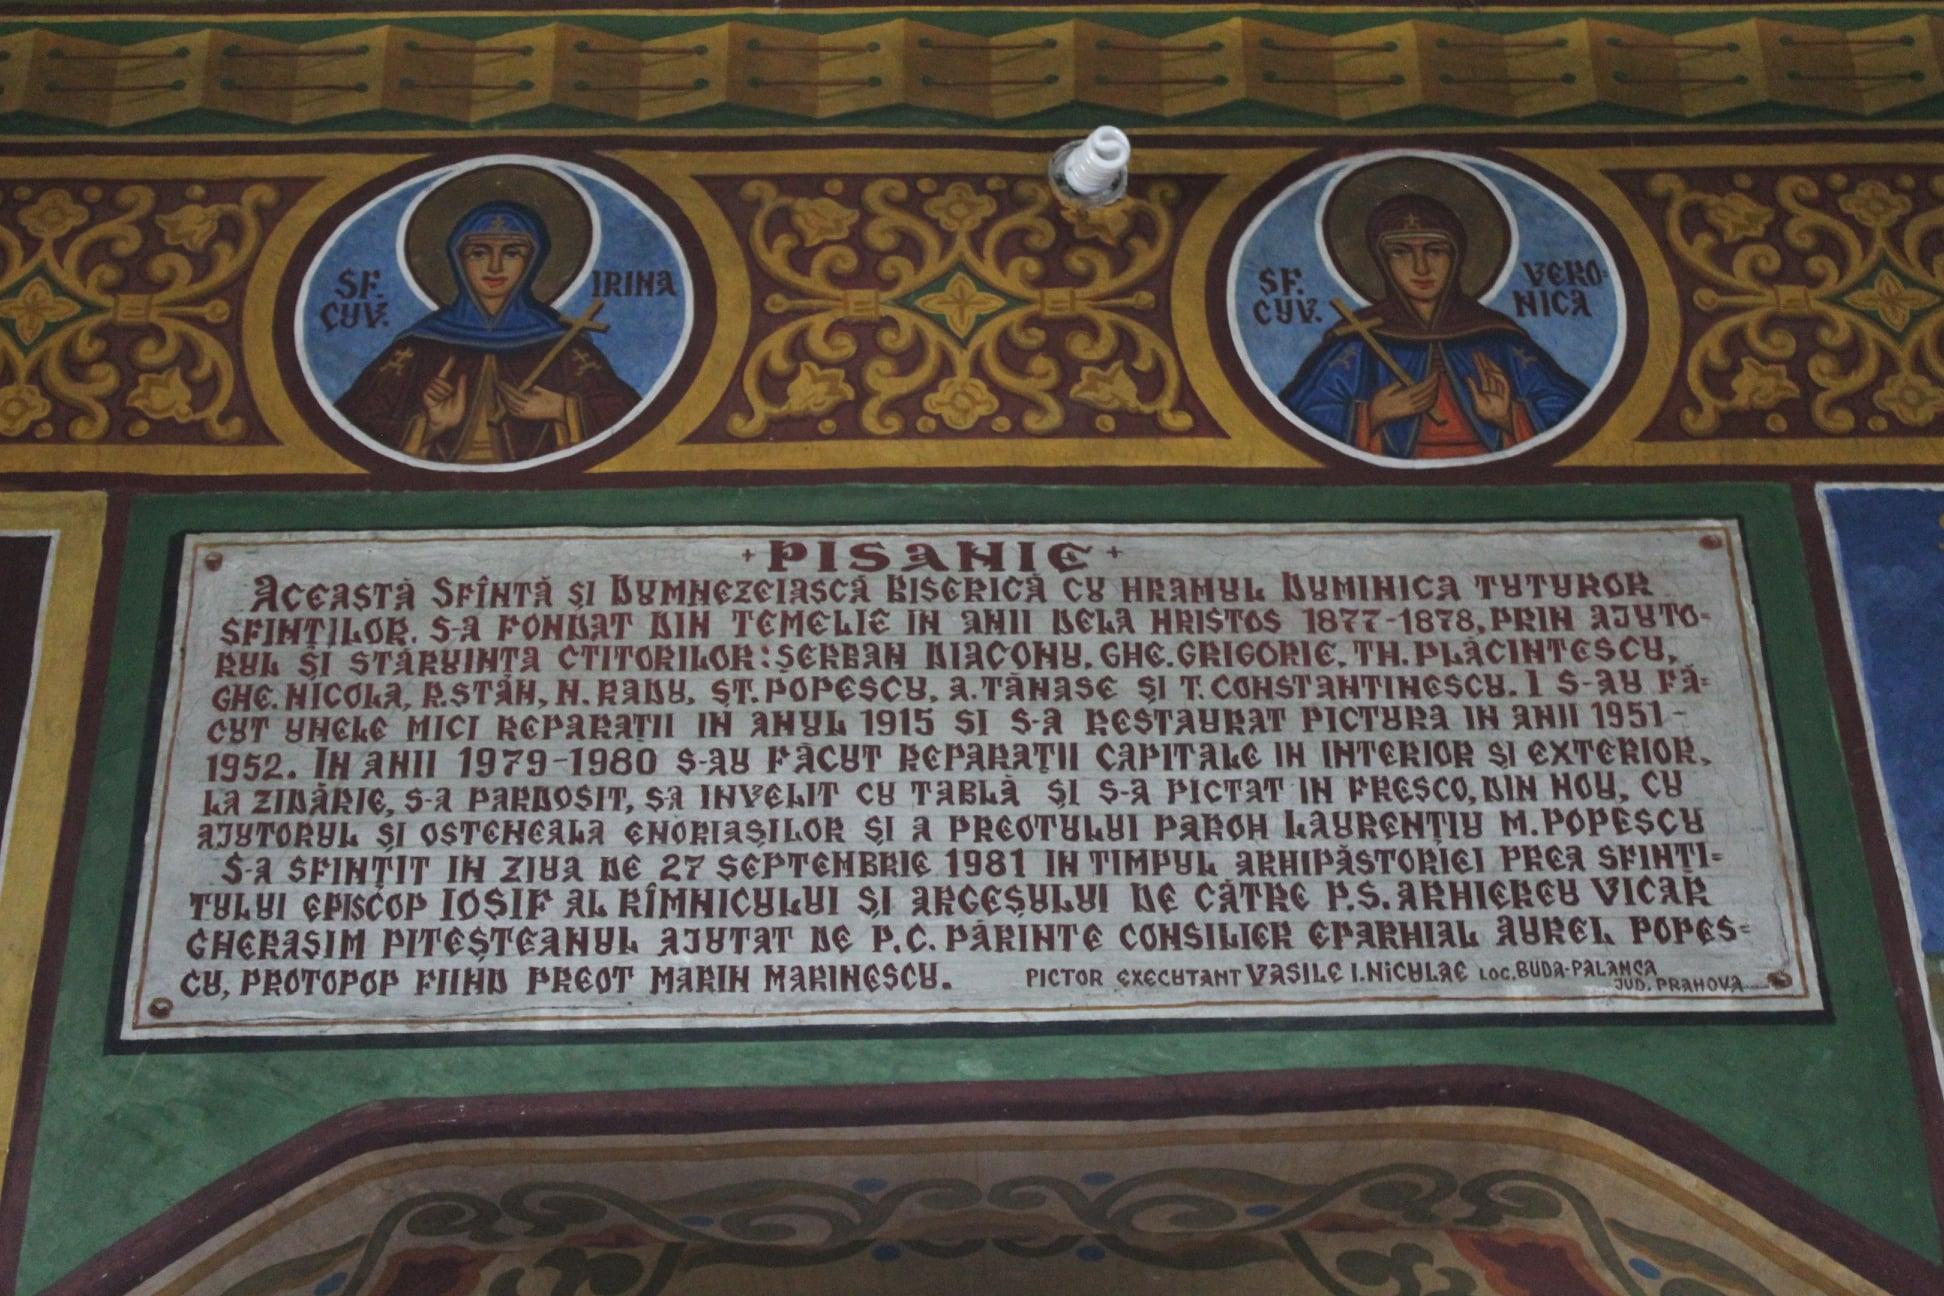 """Pisania Bisericii parohiale ,,Duminica Tuturor Sfinților"""" din satul Broșteni, oraș Costești"""